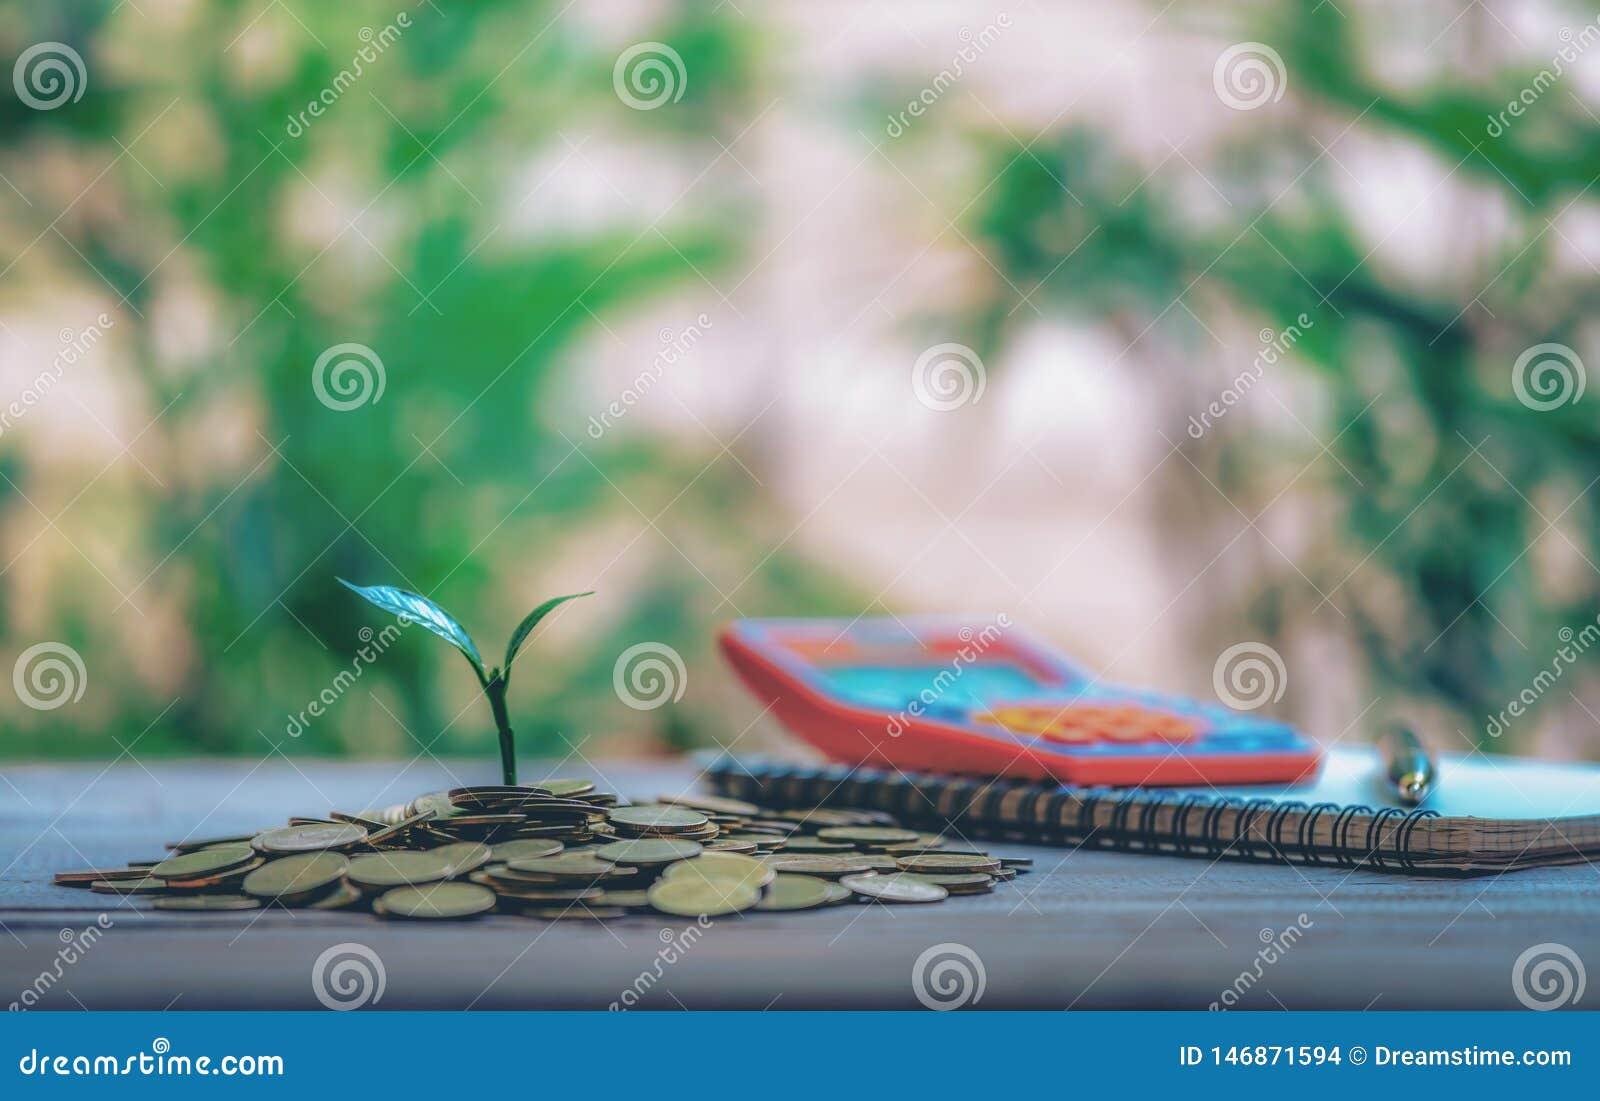 Haus gesetzt auf M?nzen Notizbuch und Pen Prepare Planning Savings Money von den M?nzen, zum eines Hauptkonzeptes f?r Eigentums-L